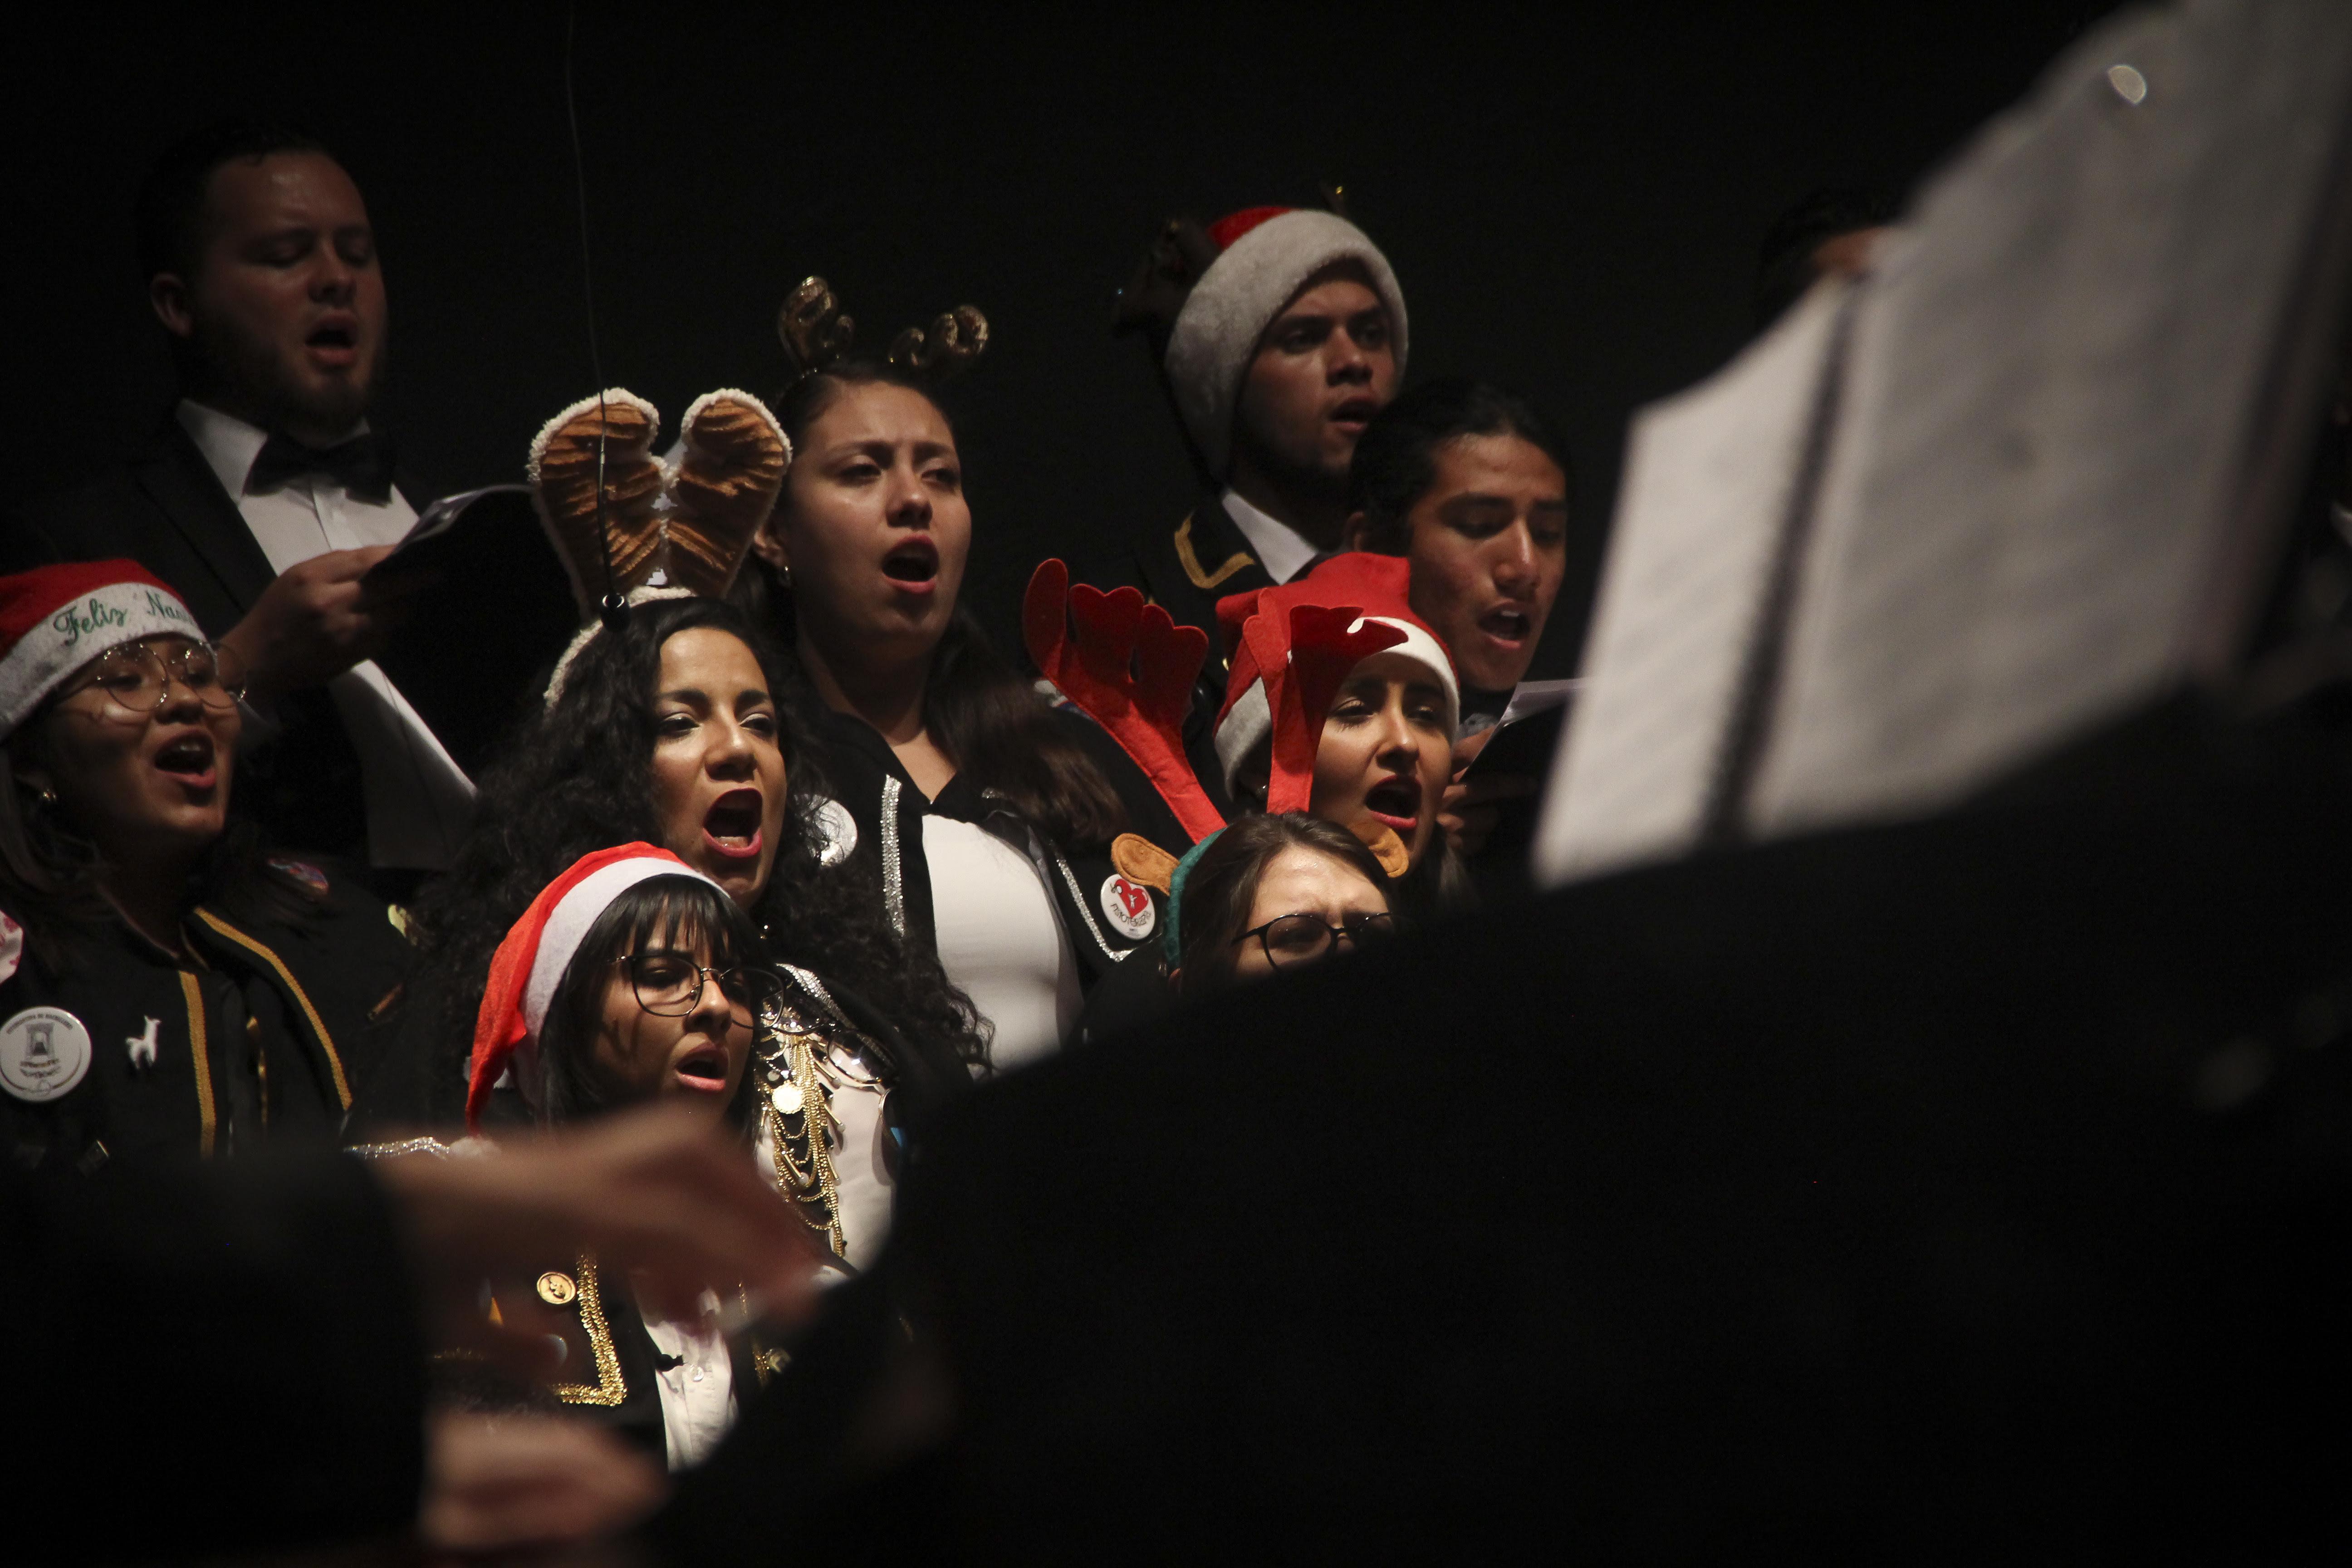 Un éxito, concierto navideño de la Facultad de Bellas Artes de la UAQ